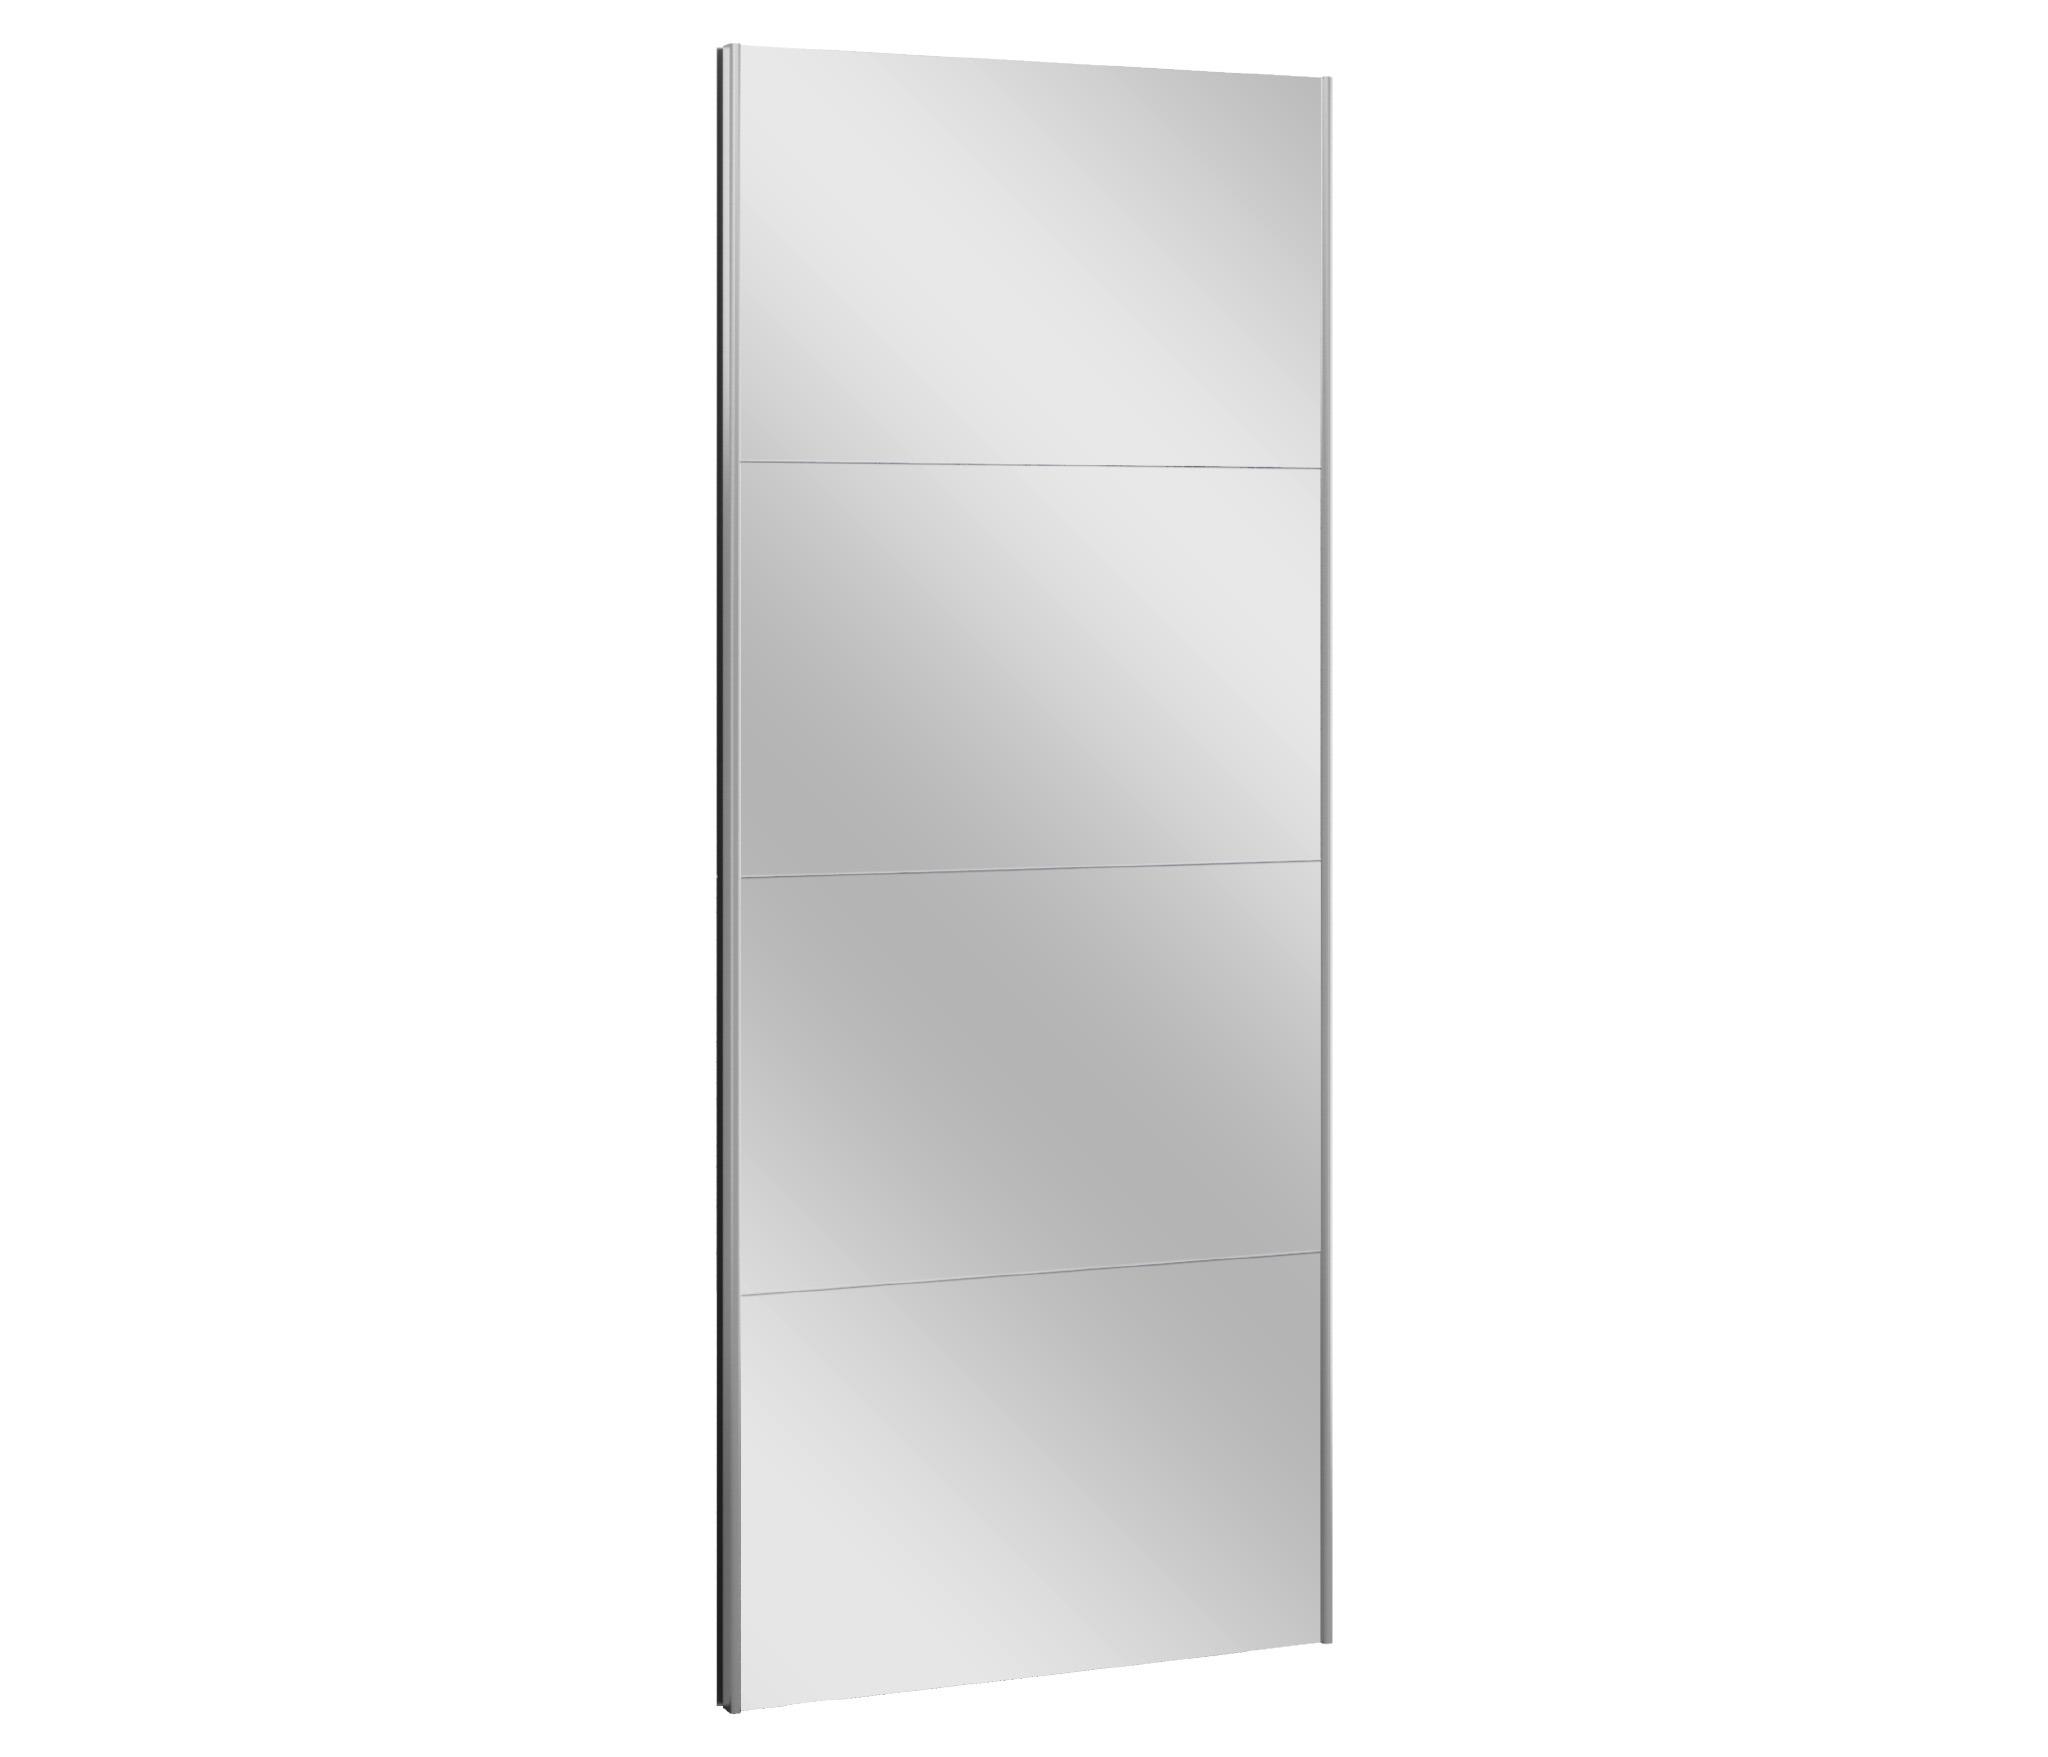 Палермо FKZ-900 ЗеркалоГостиная<br>Зеркальный фасад  Палермо FKZ-900  станет настоящим открытием для оформления жилого пространства.<br><br>Длина мм: 902<br>Высота мм: 2164<br>Глубина мм: 16